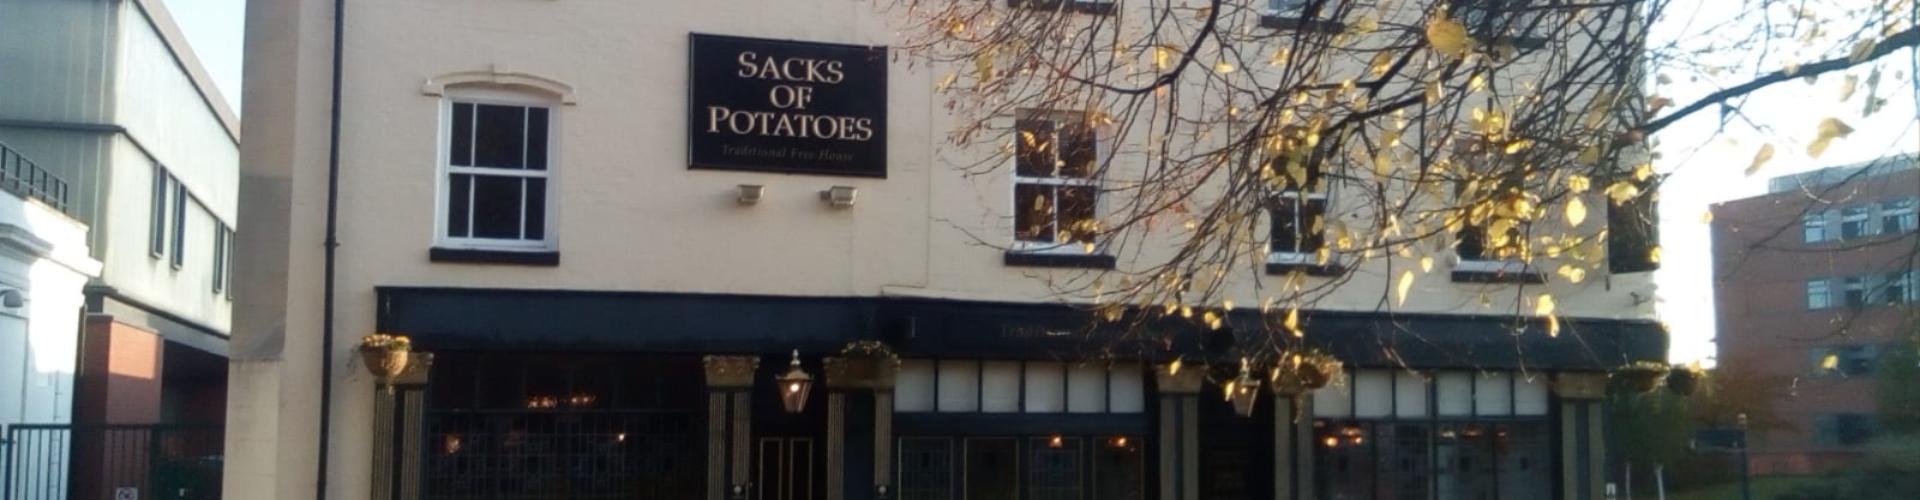 2018 - PP - Sacks of Potatoes